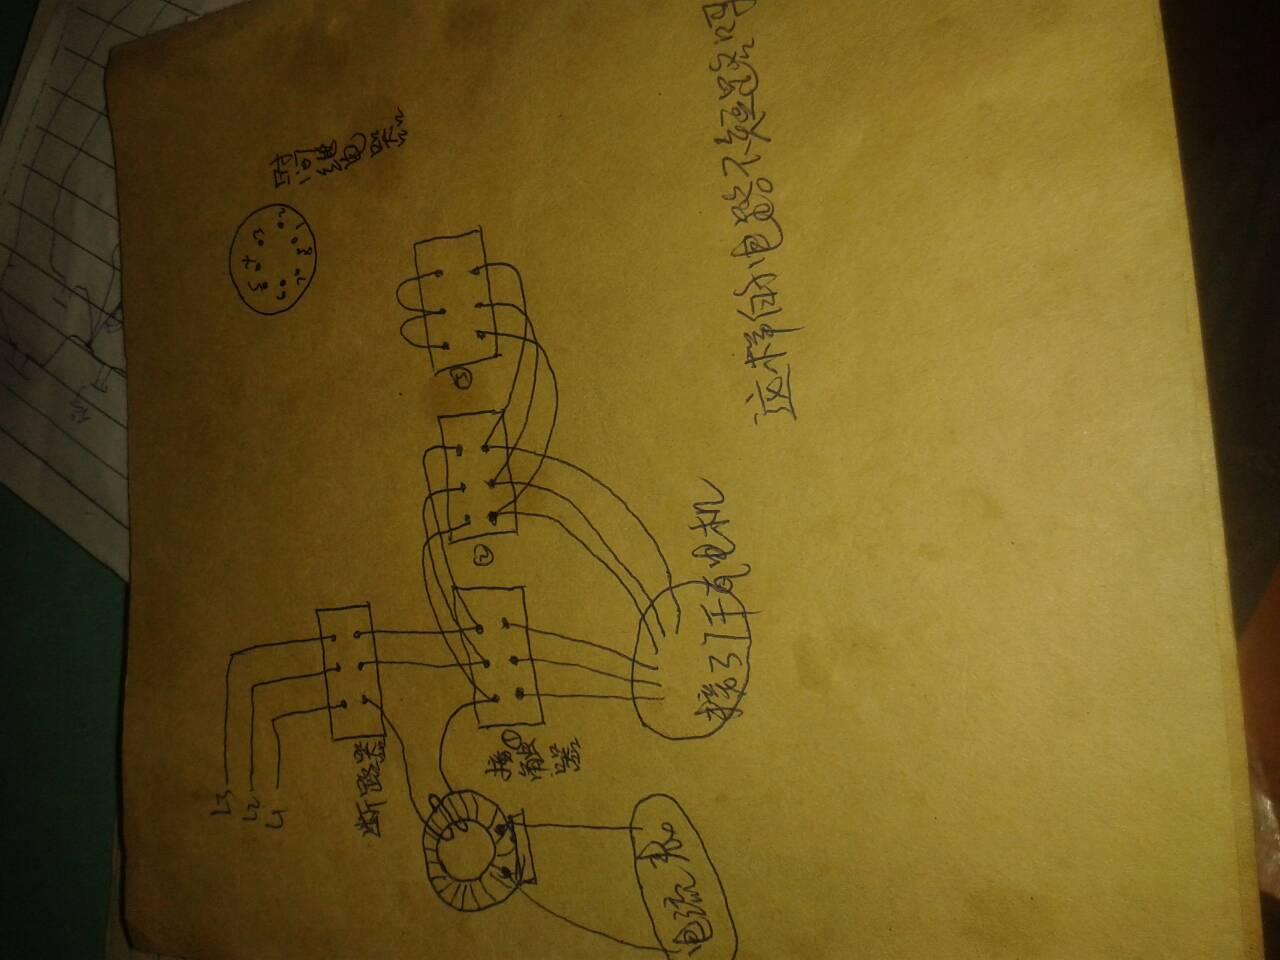 请哪位师傅帮忙绘制一个实物接线图?谢谢!